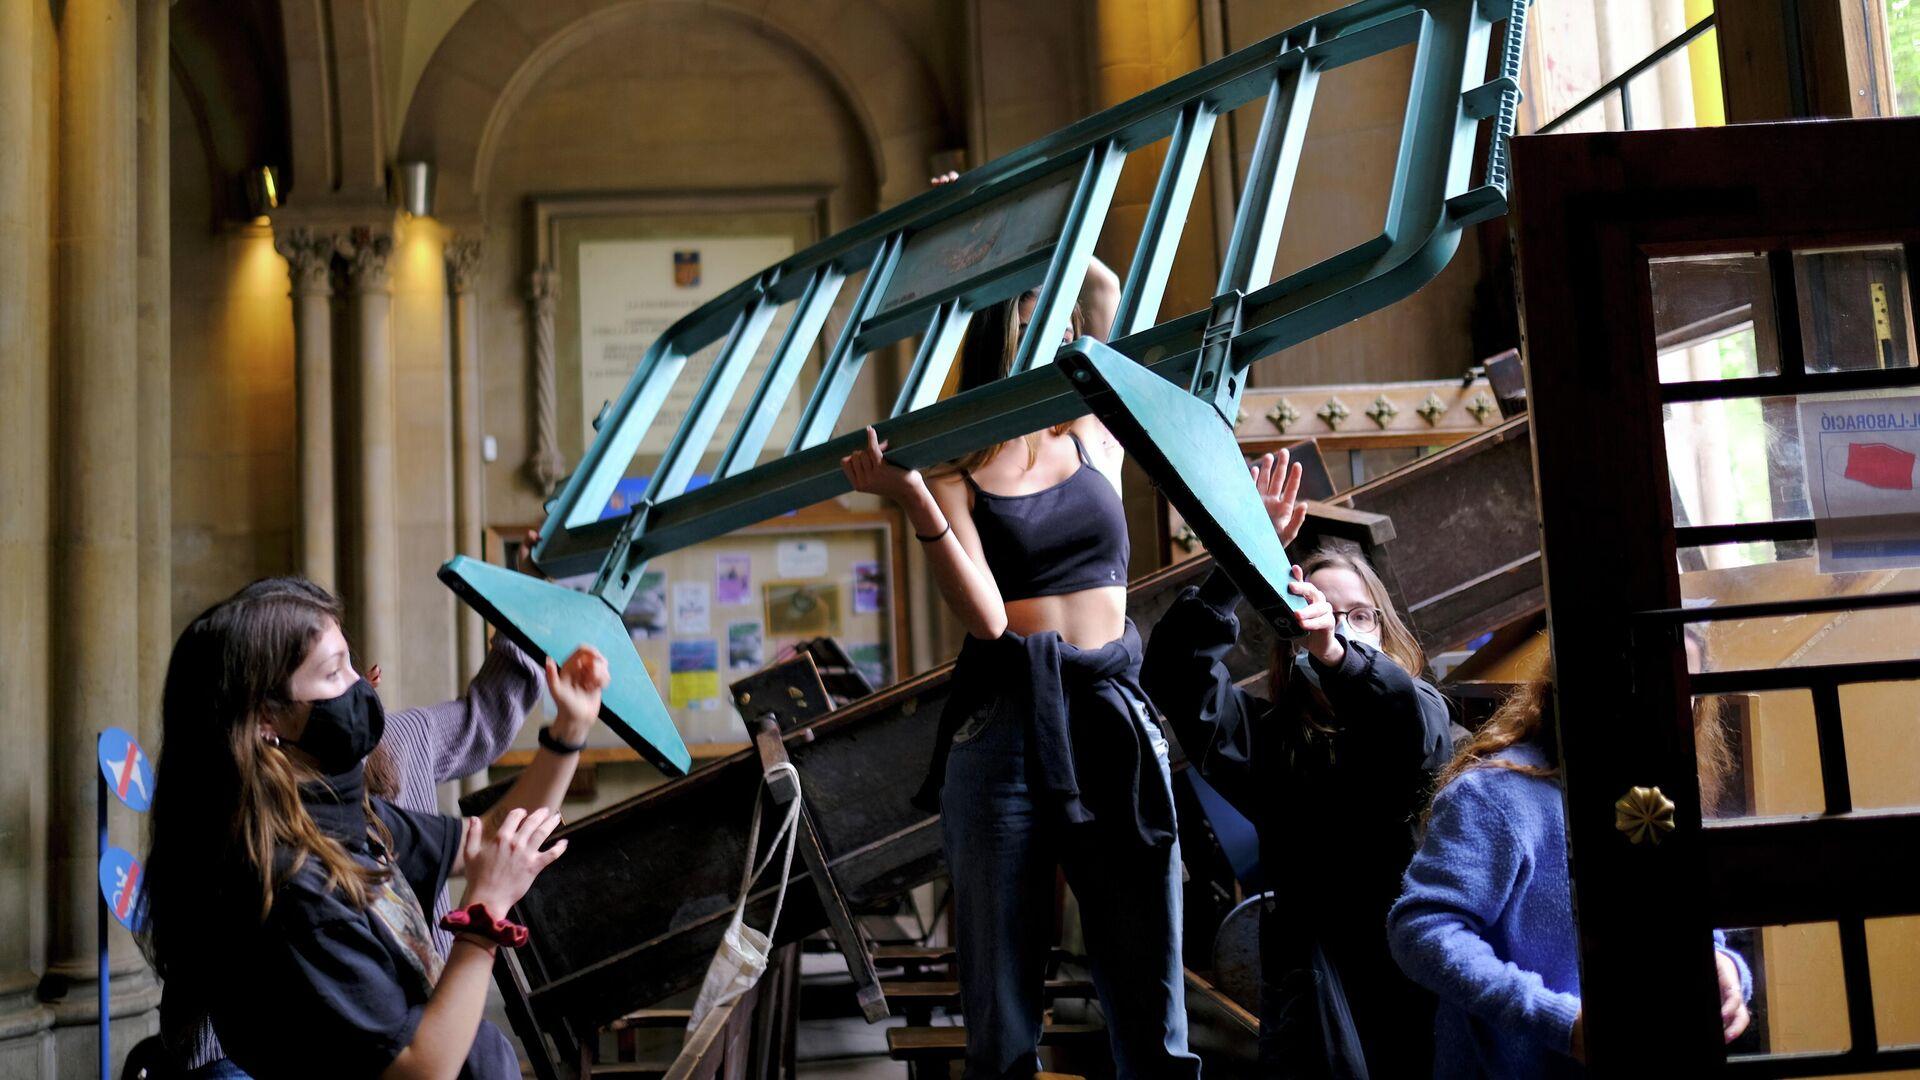 Unos estudiantes protestan en la Universidad de Barcelona por la crisis educativa, el 20 de abril de 2021 - Sputnik Mundo, 1920, 21.04.2021